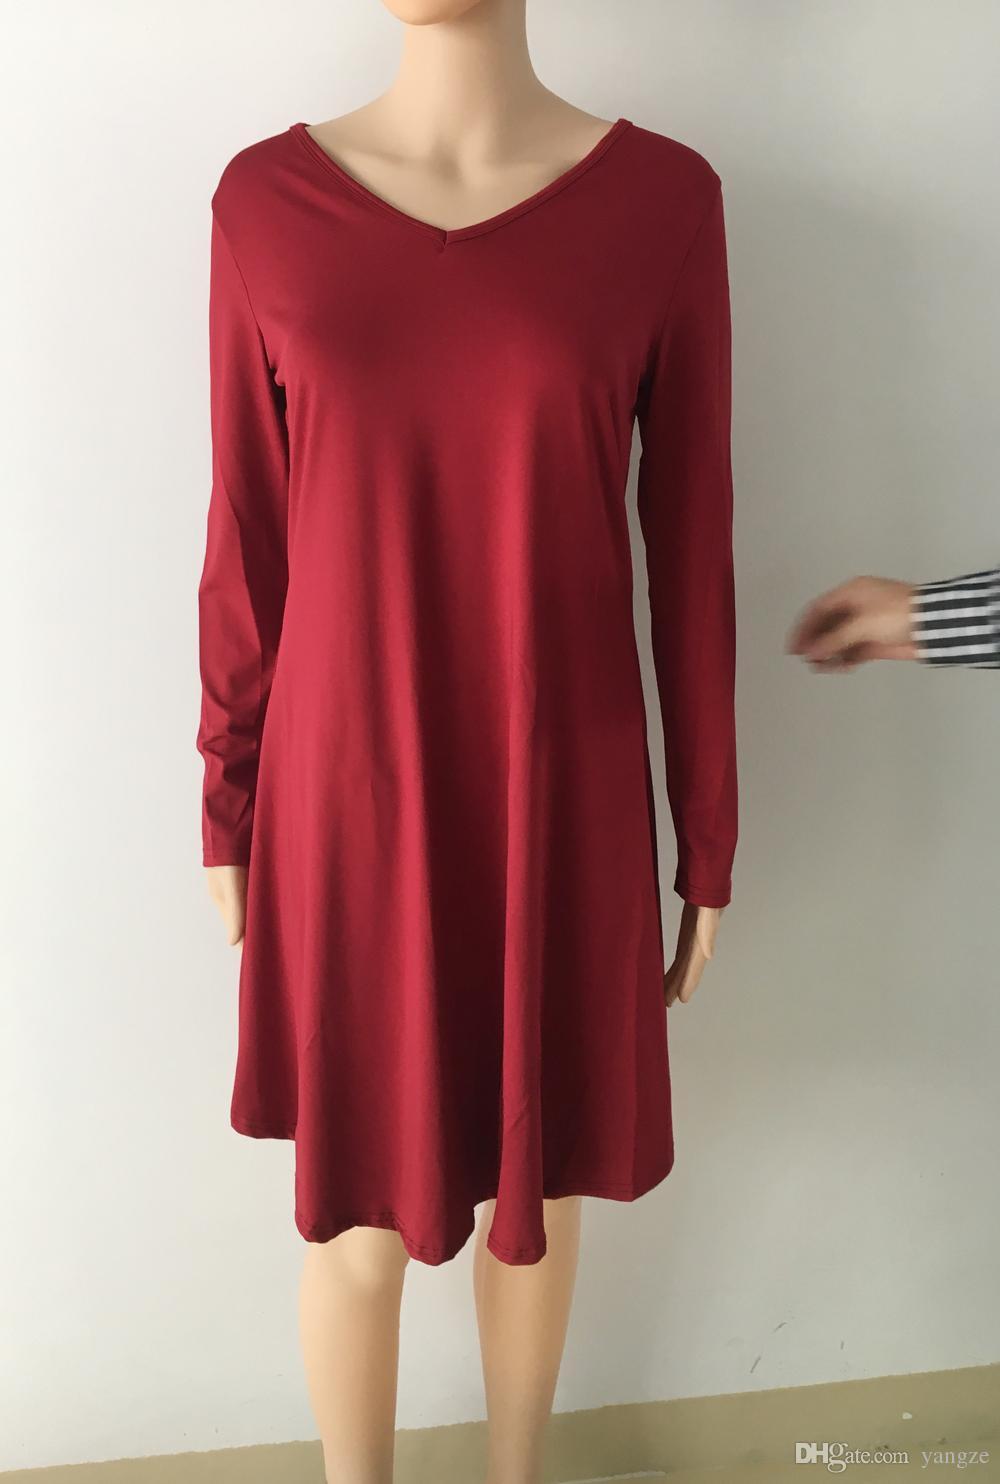 Venta caliente vestidos para mujer ropa moda manga larga otoño ocasional flojo con cuello en V camiseta más vestido de talla S M L XL QZ957